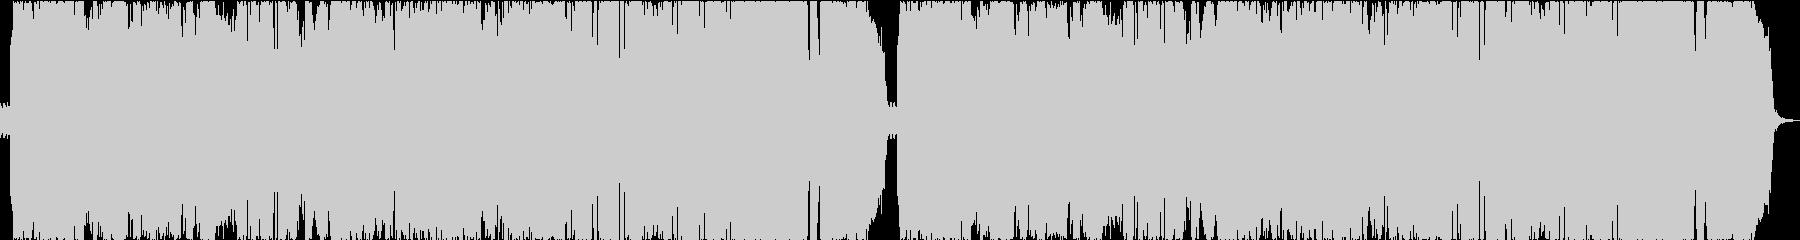 激しいシンフォニックメタルの未再生の波形